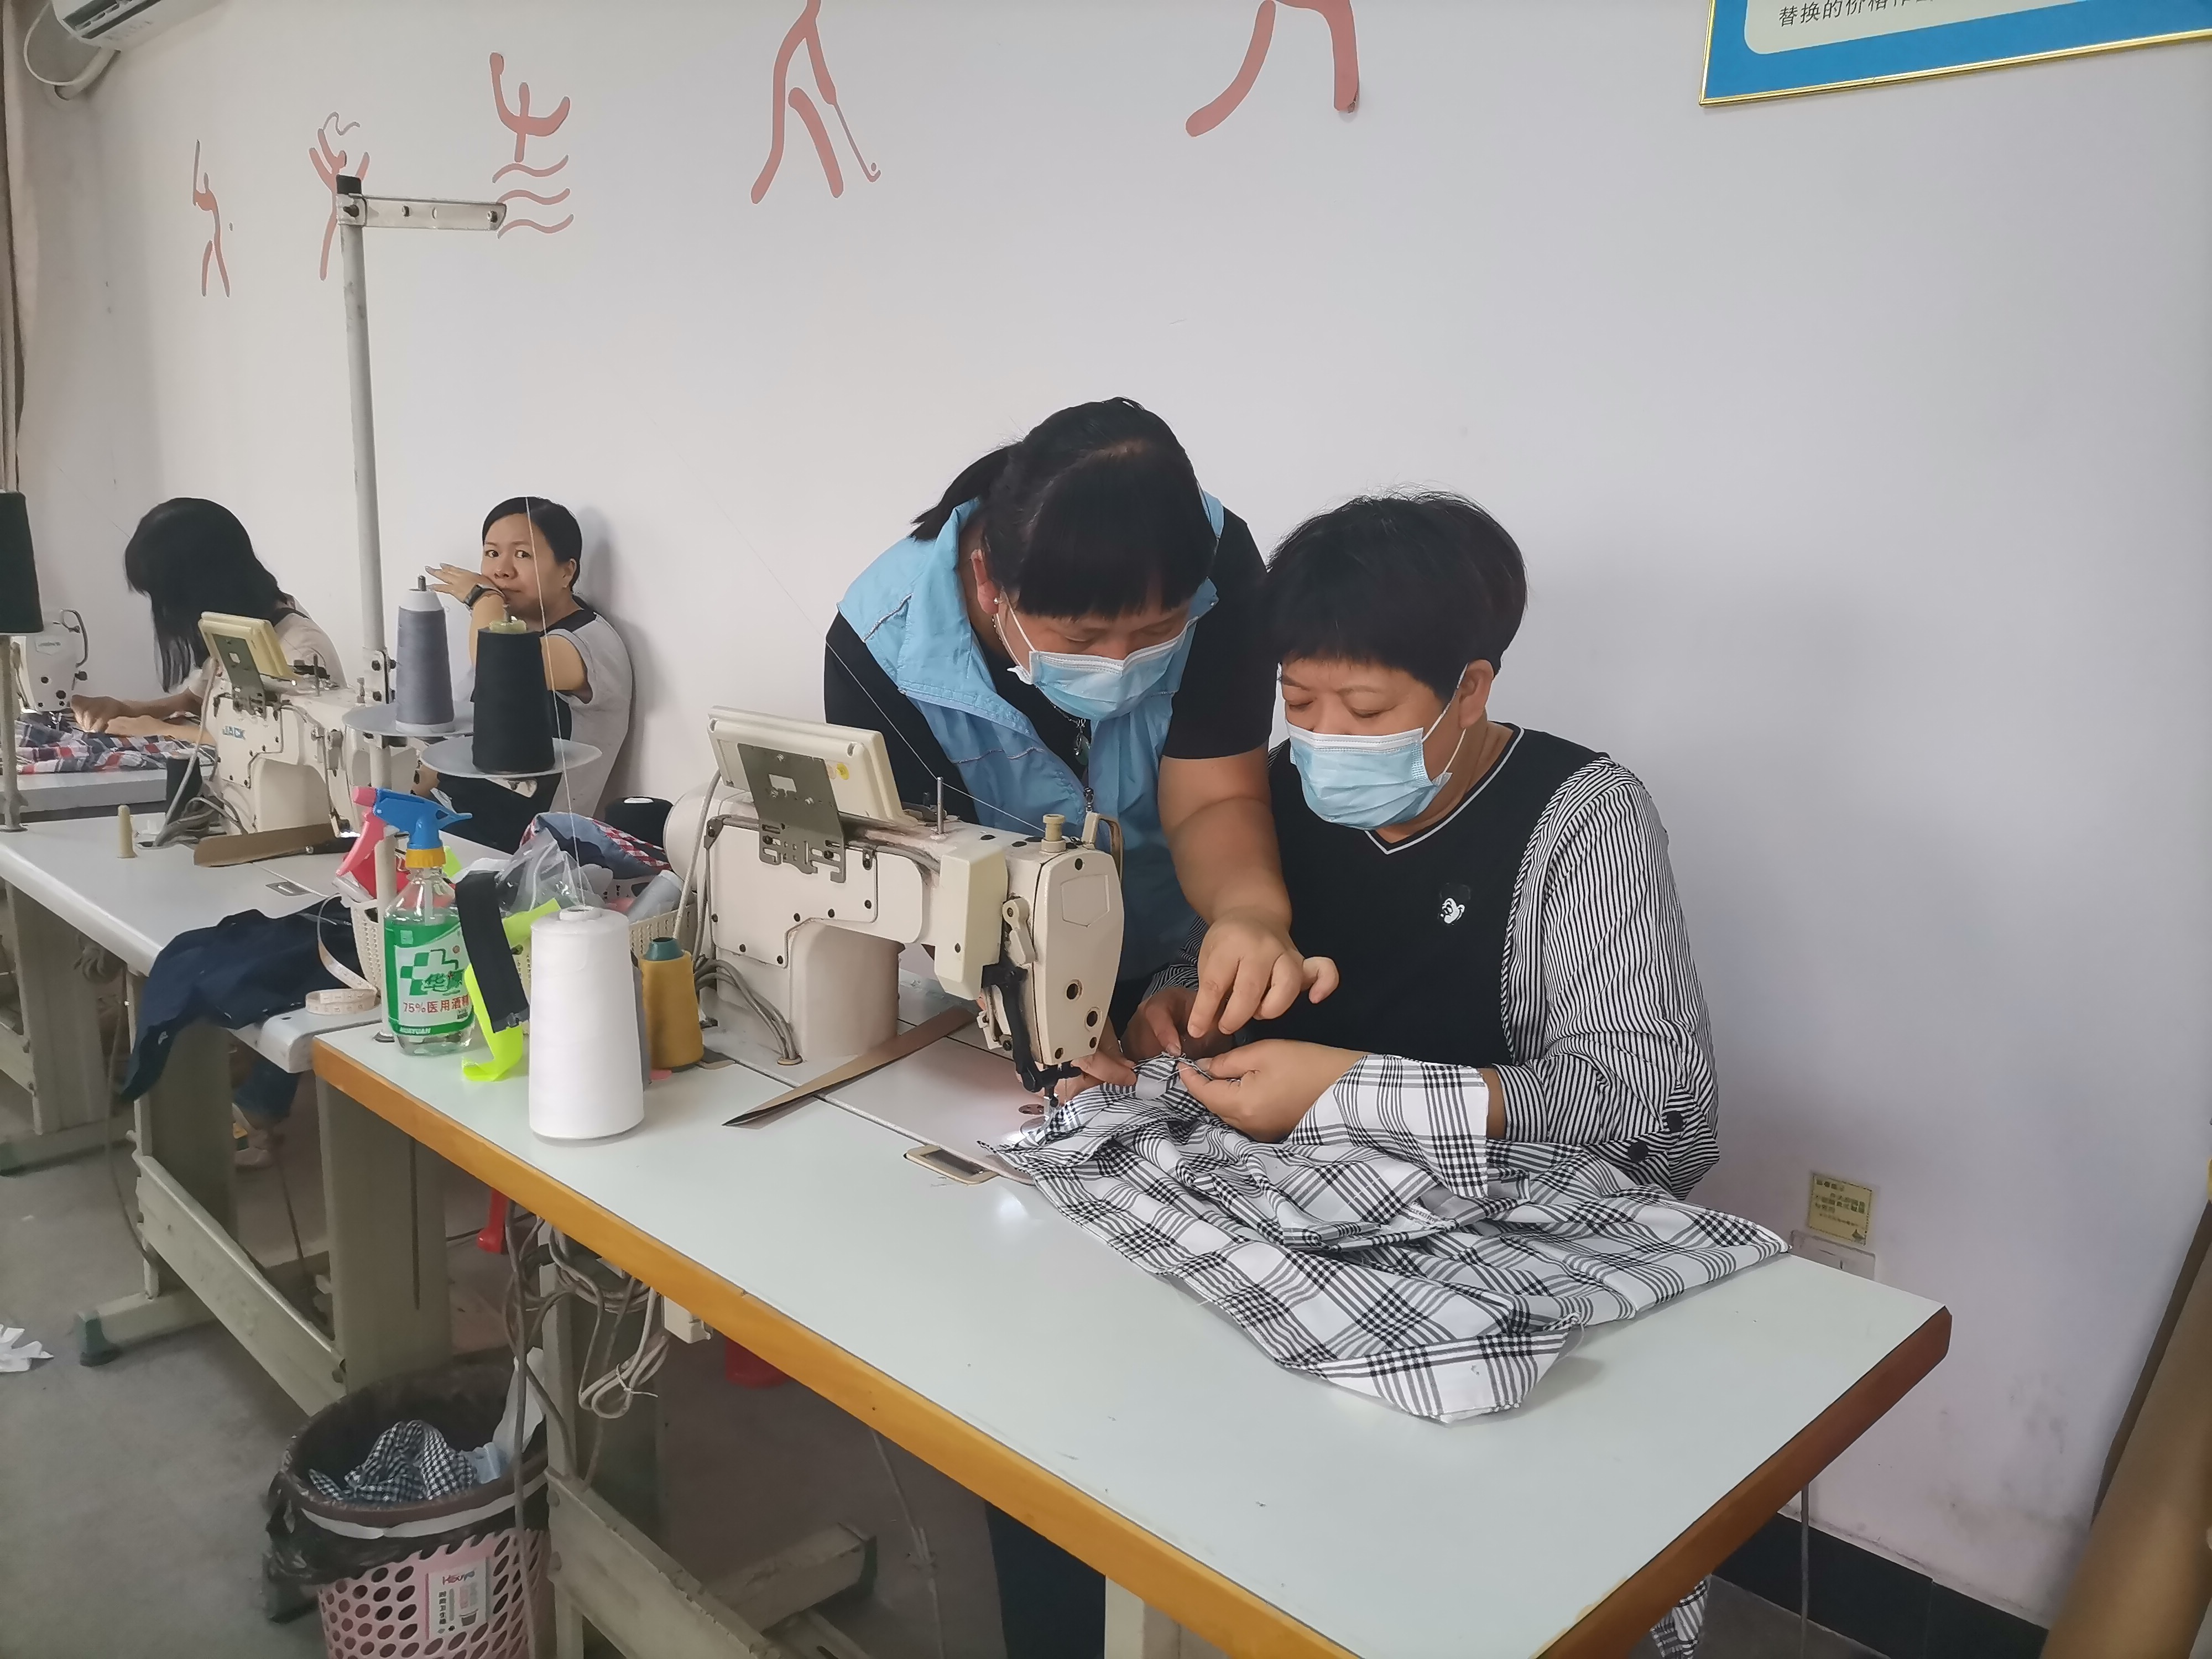 虎门慈善会第二届创投项目 【创业女红】之衬衫产品研发小组